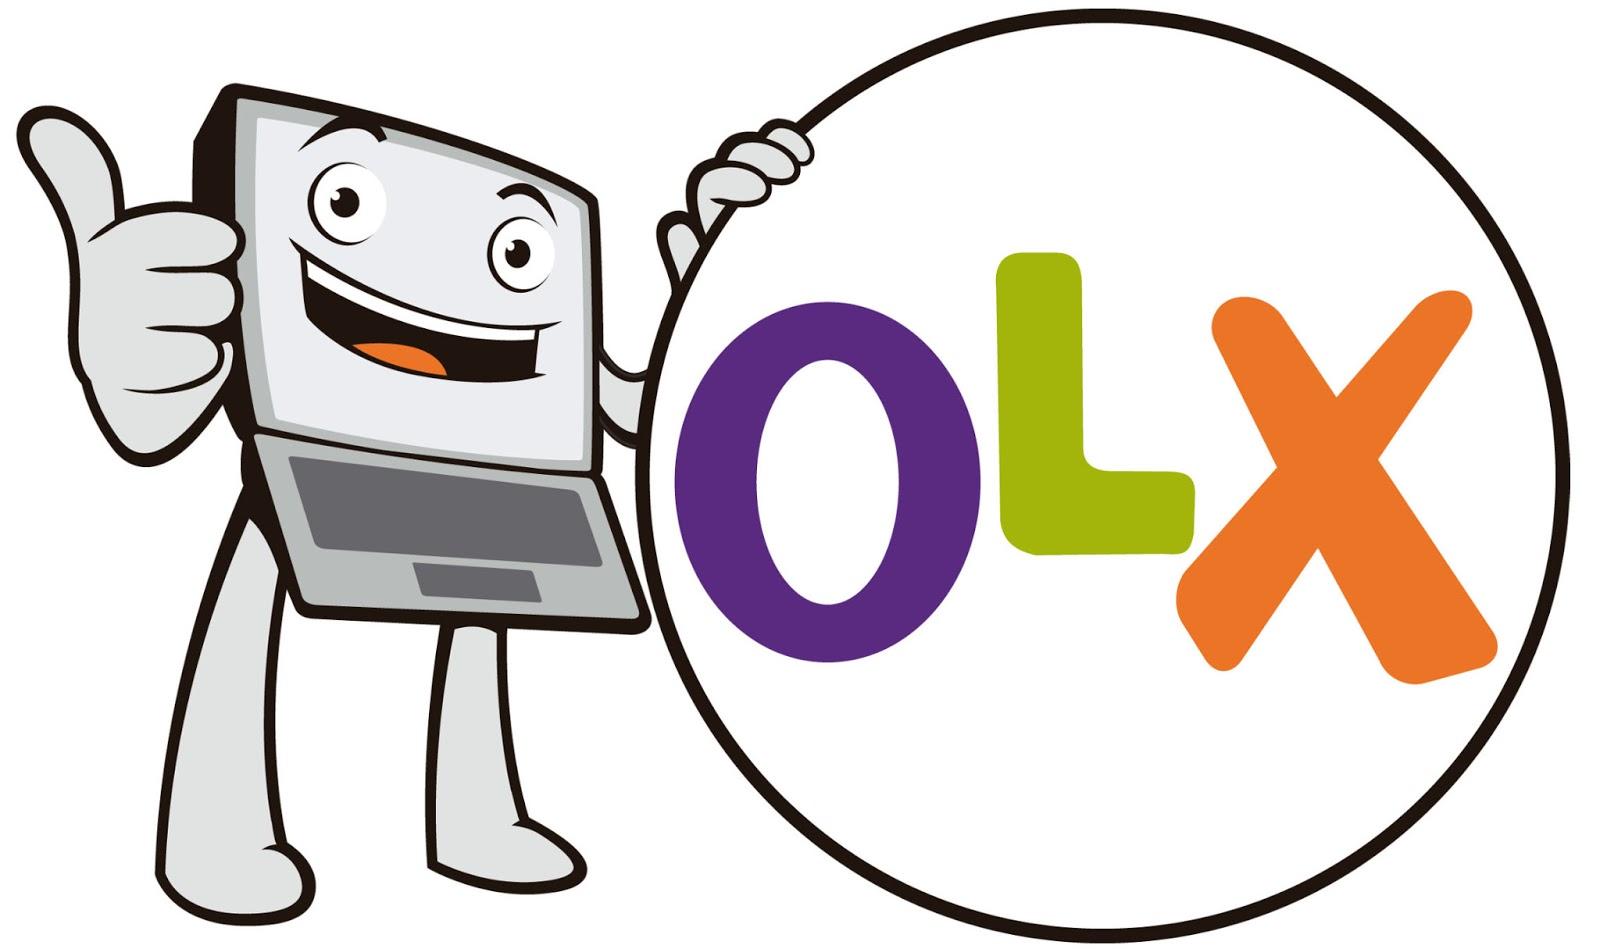 قصة نجاح موقع olx  قصة نجاح موقع olx 210